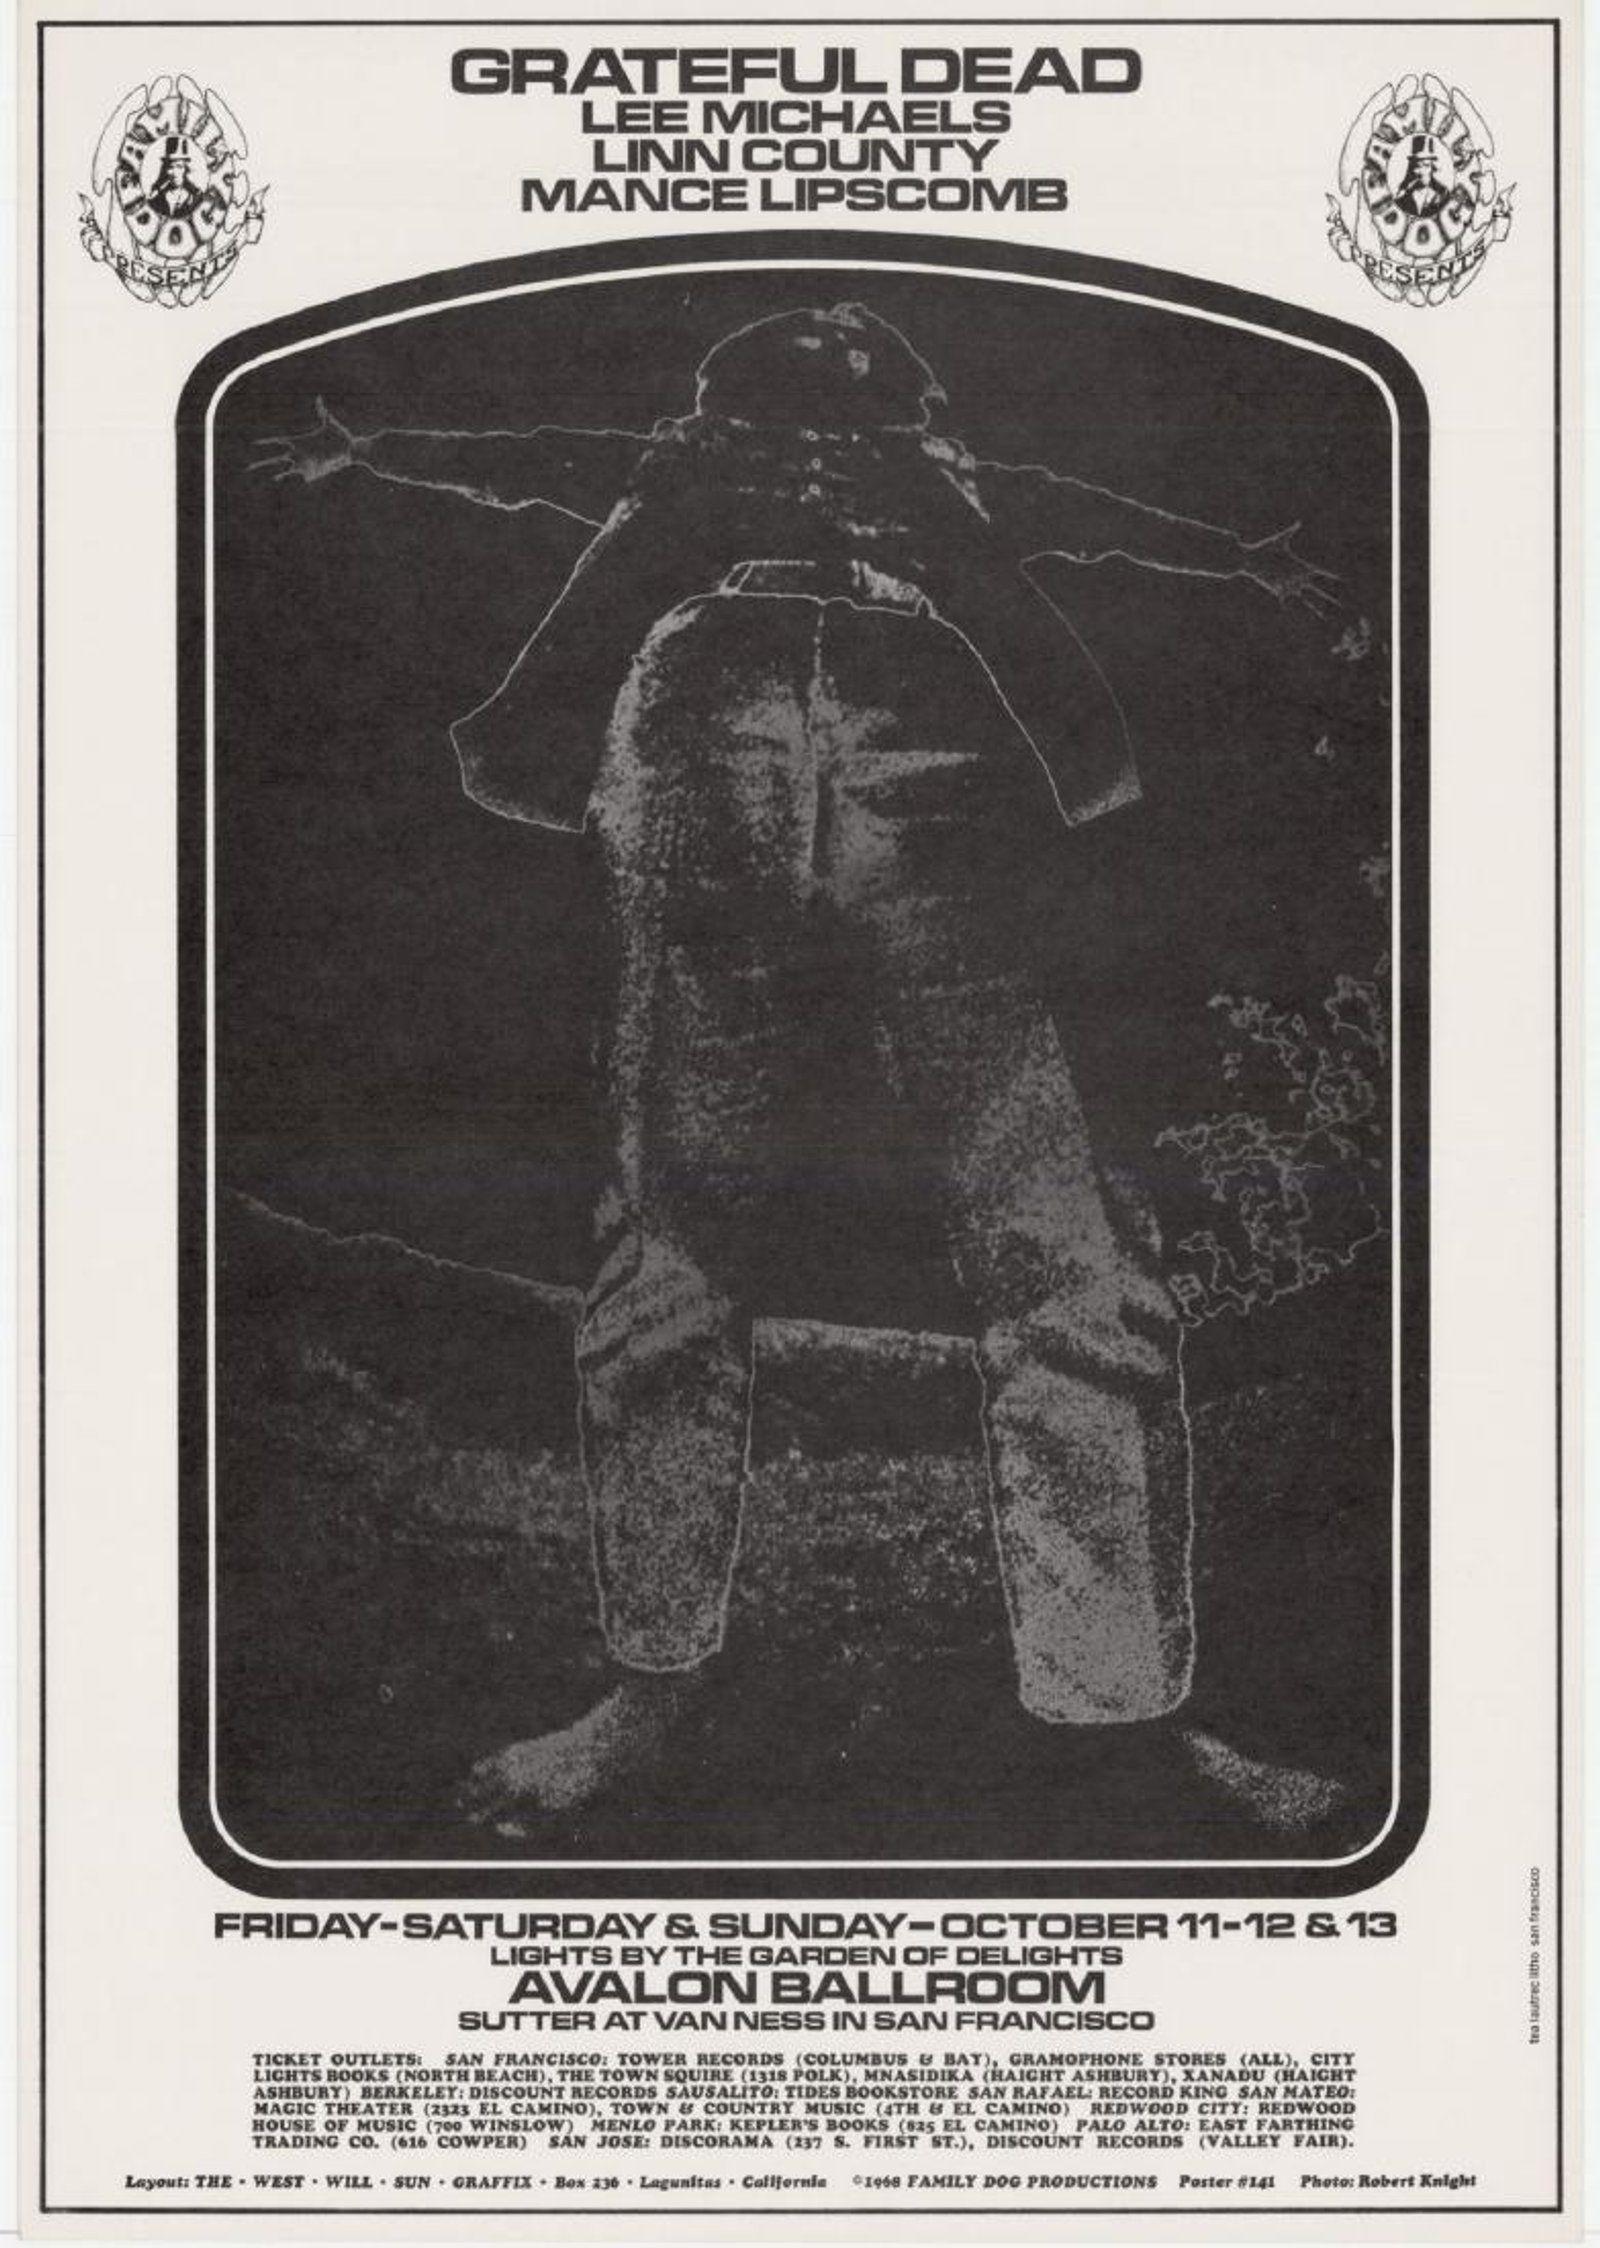 ปักพินในบอร์ด Grateful Dead